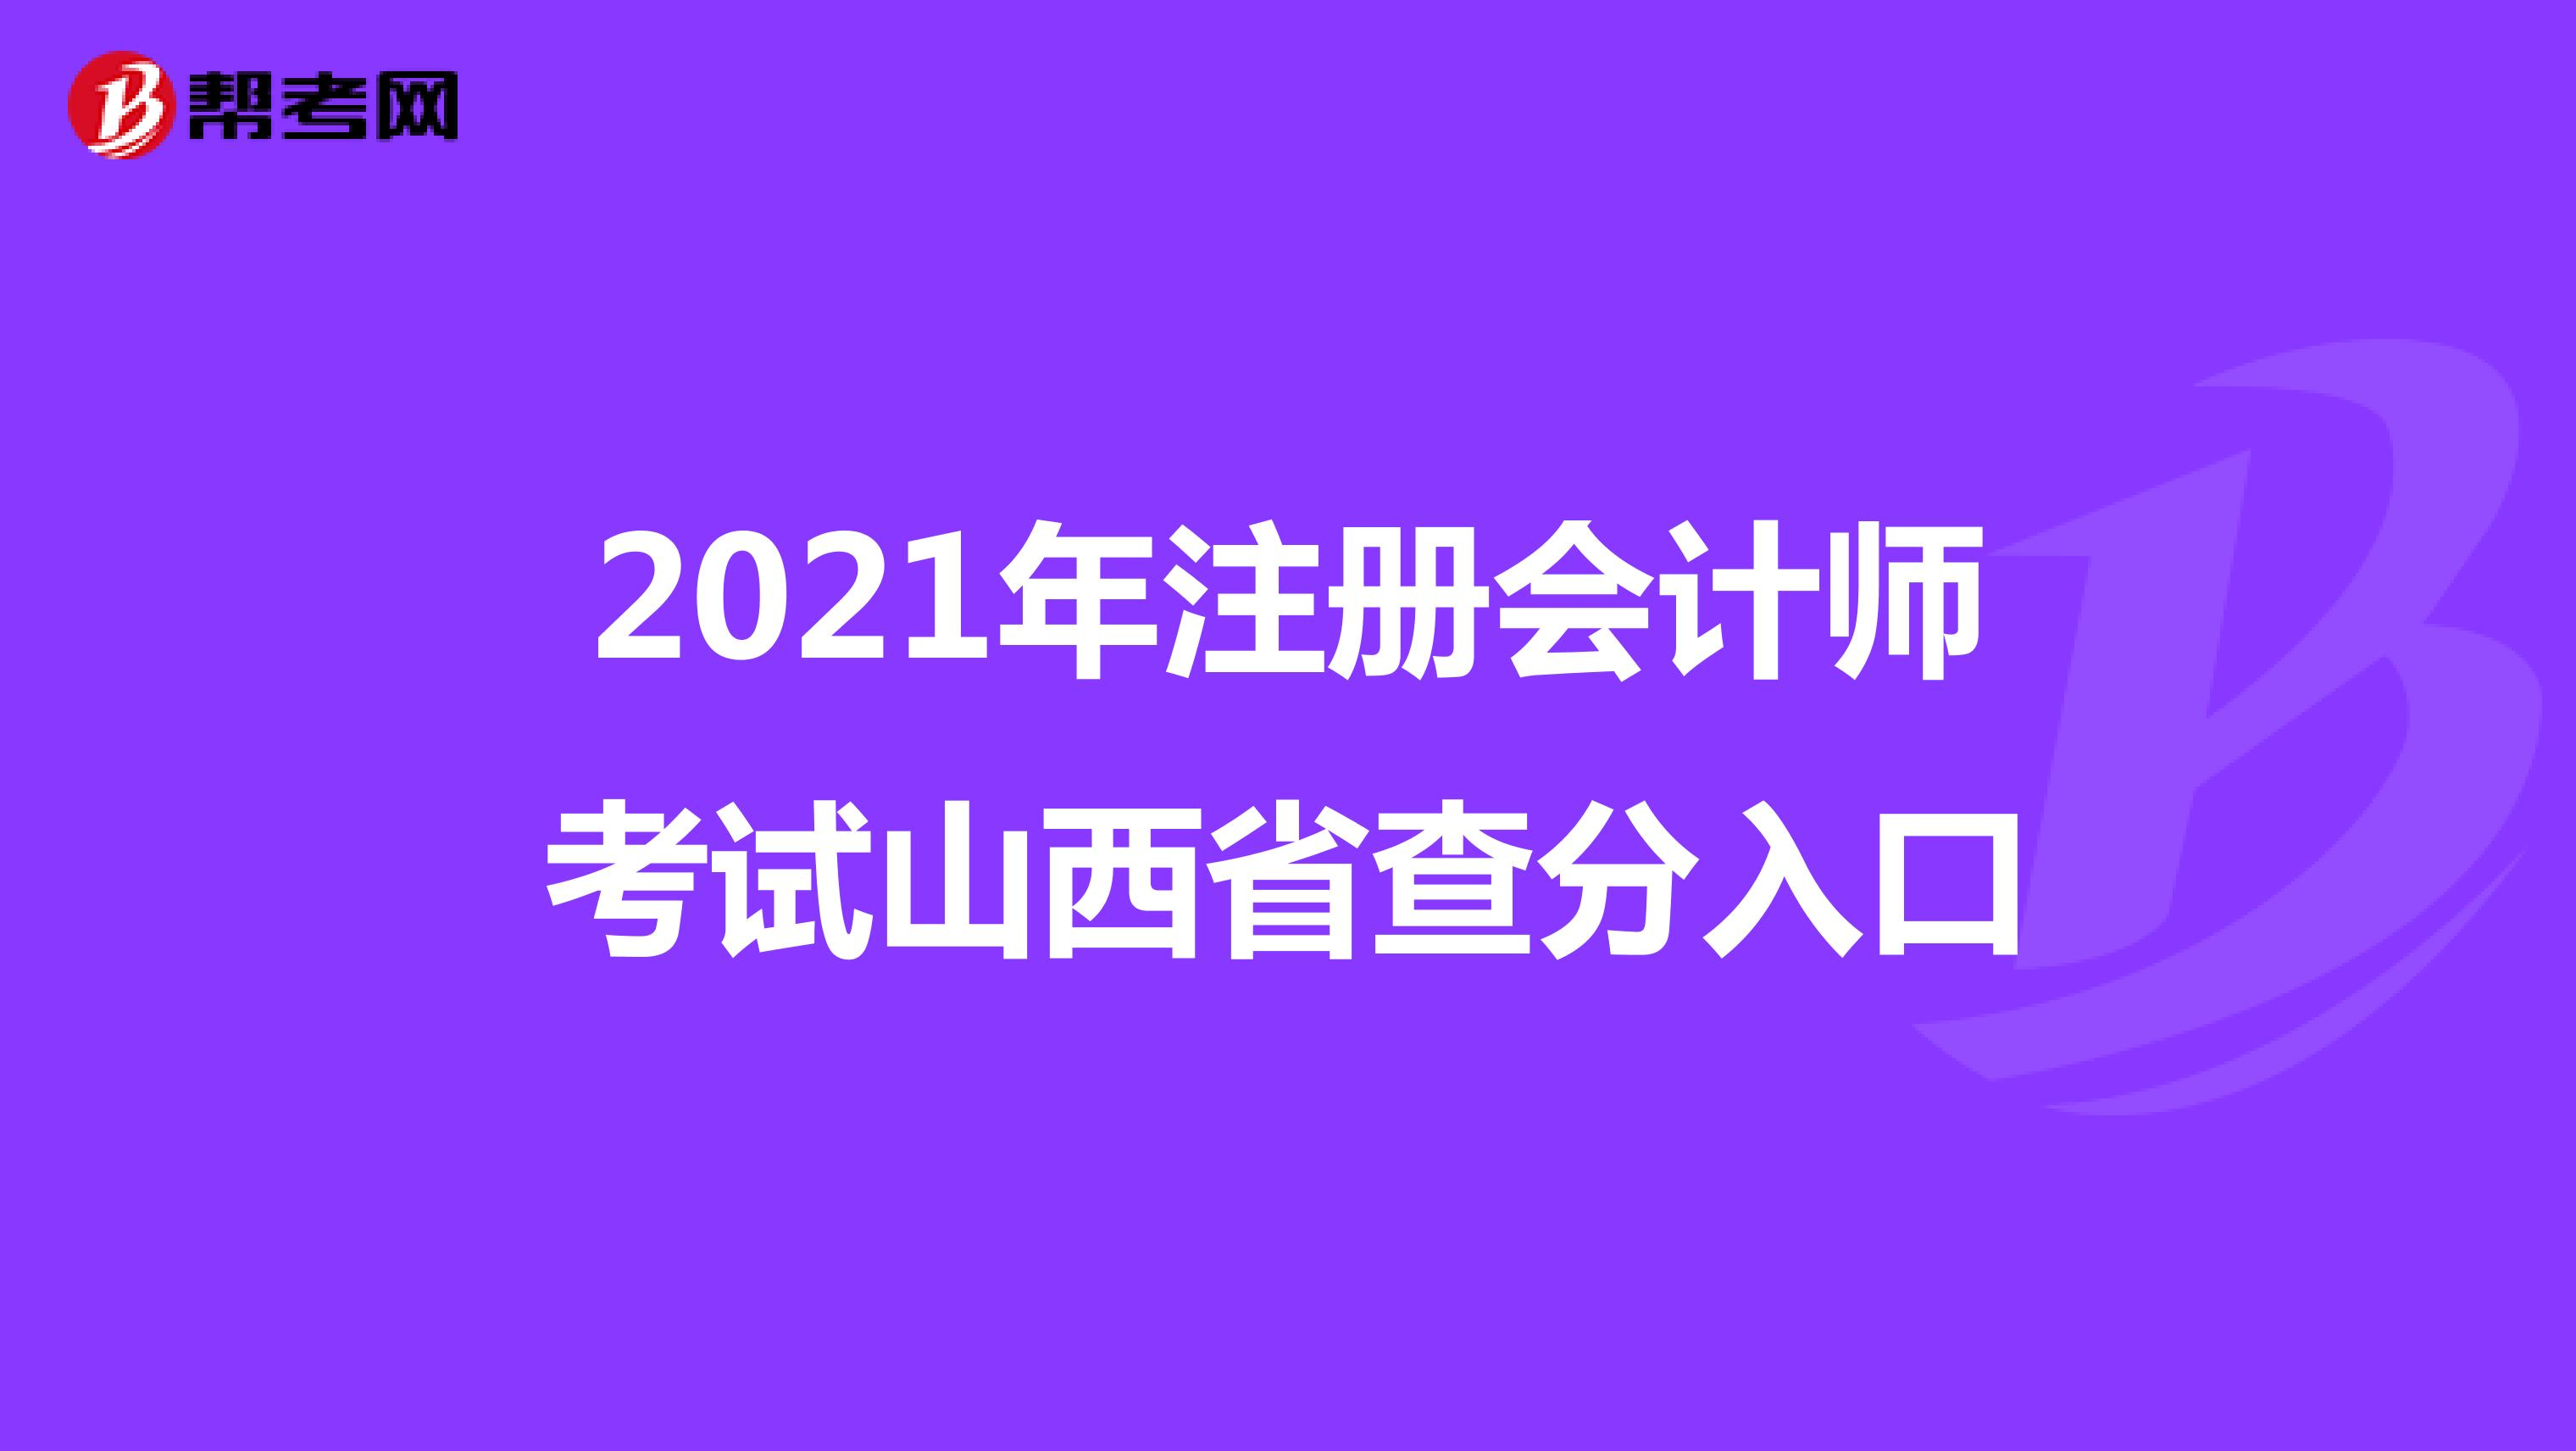 2021年注册会计师考试山西省查分入口